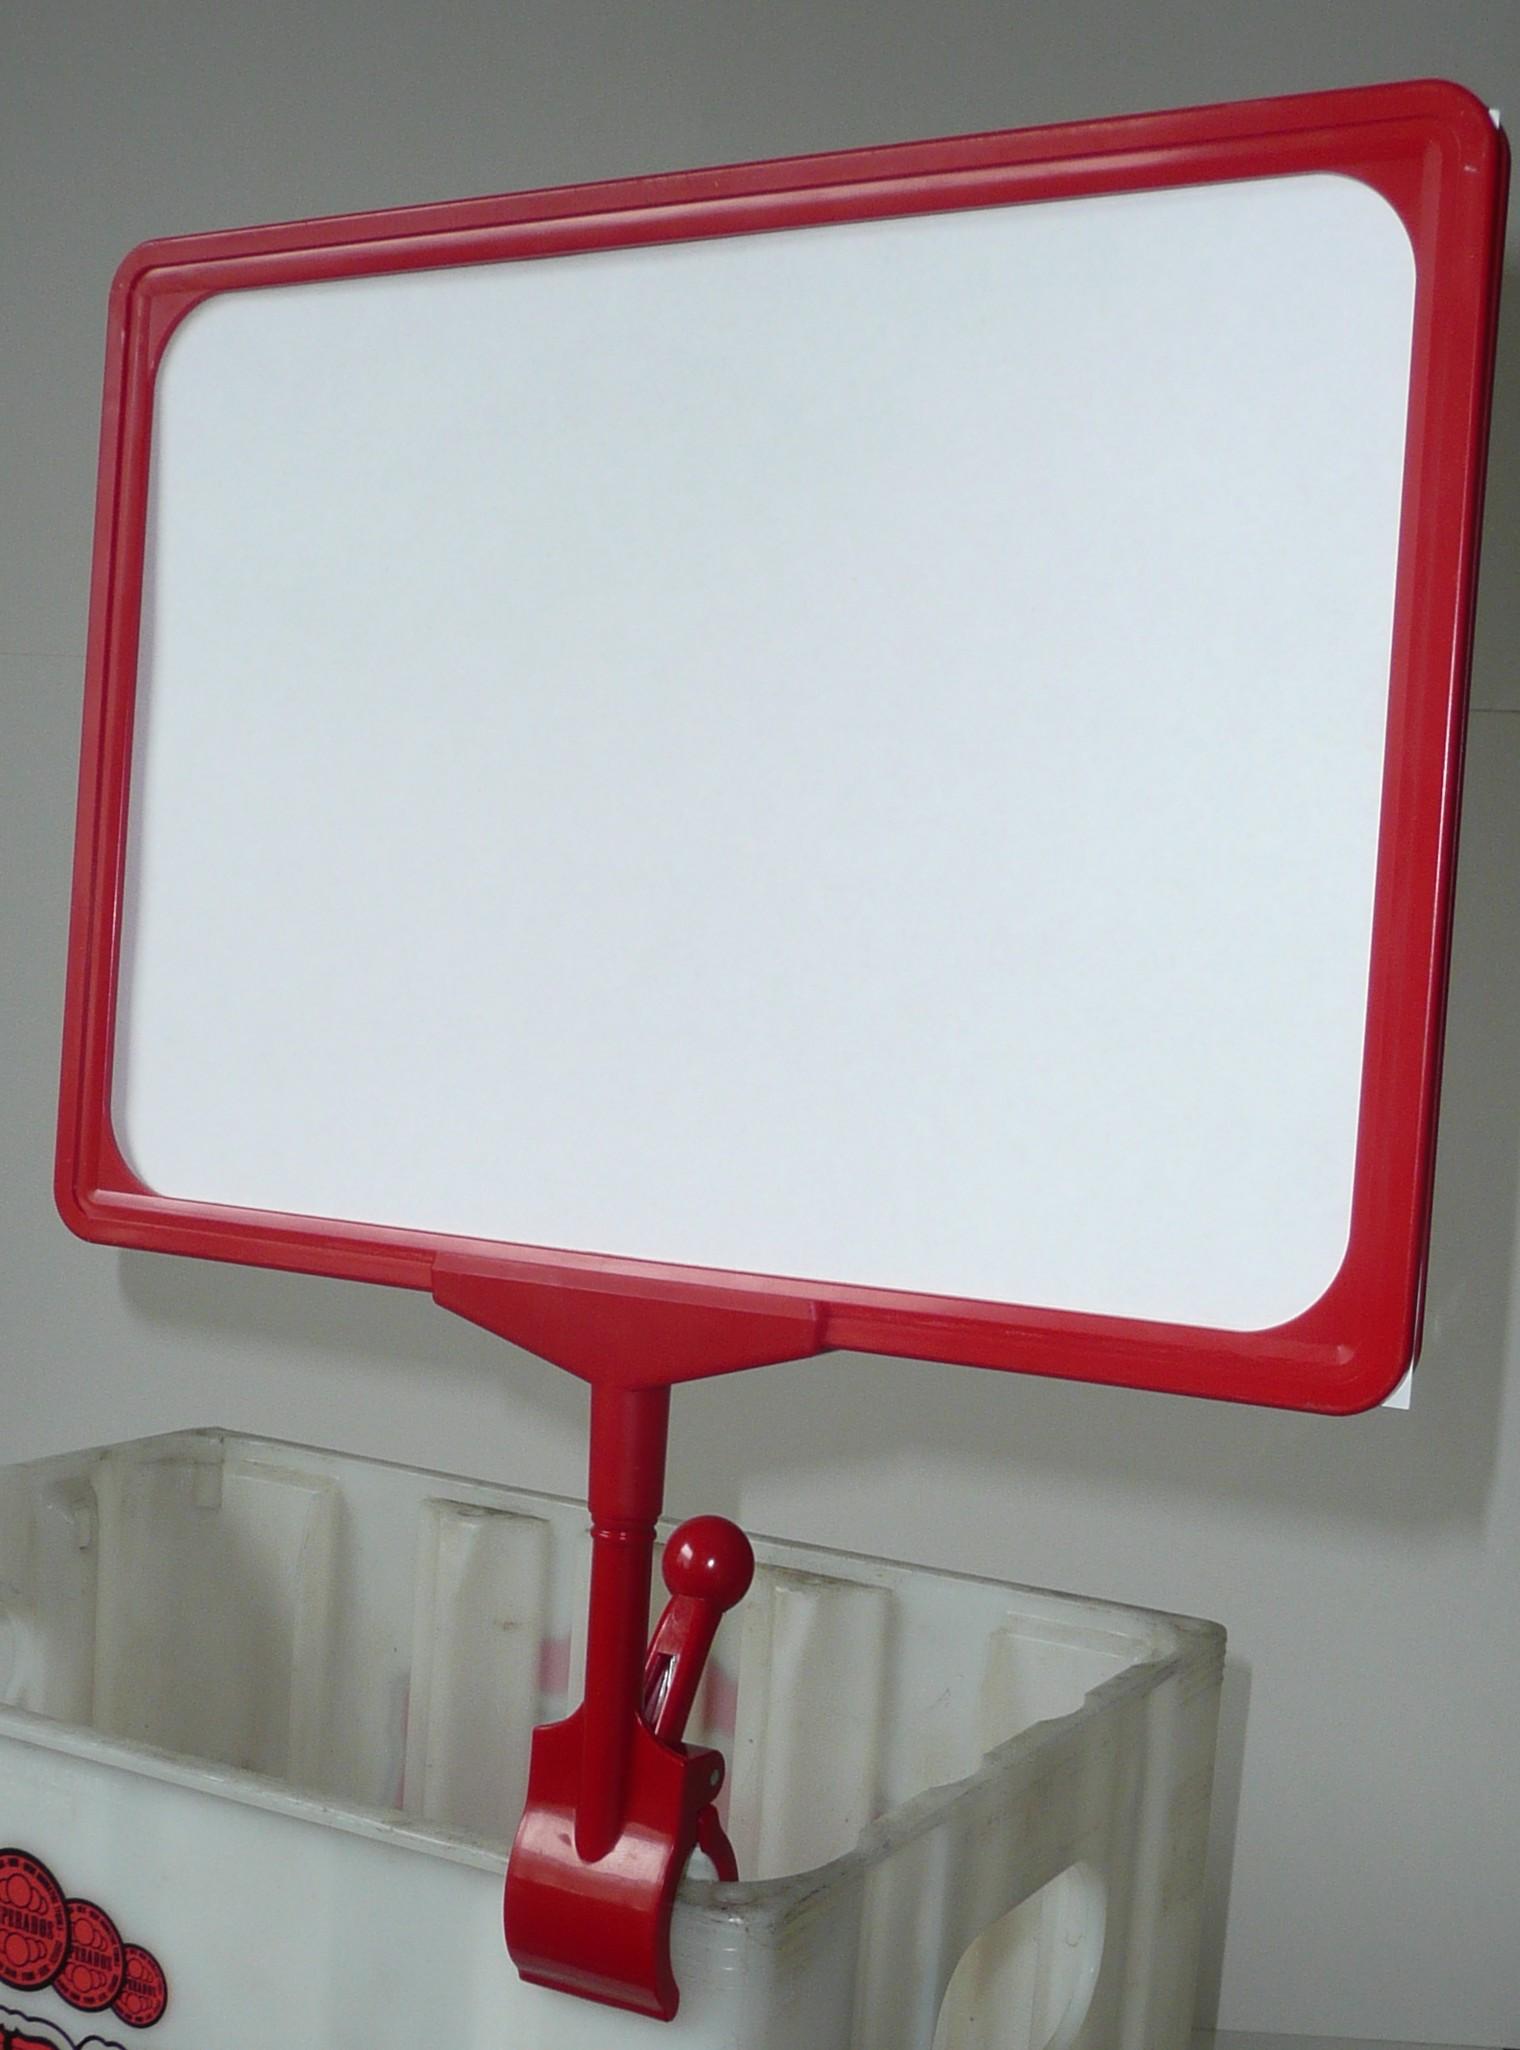 Rahmenständer DIN A4 - Werbeständer mit Klammer für Regale, Kisten ...